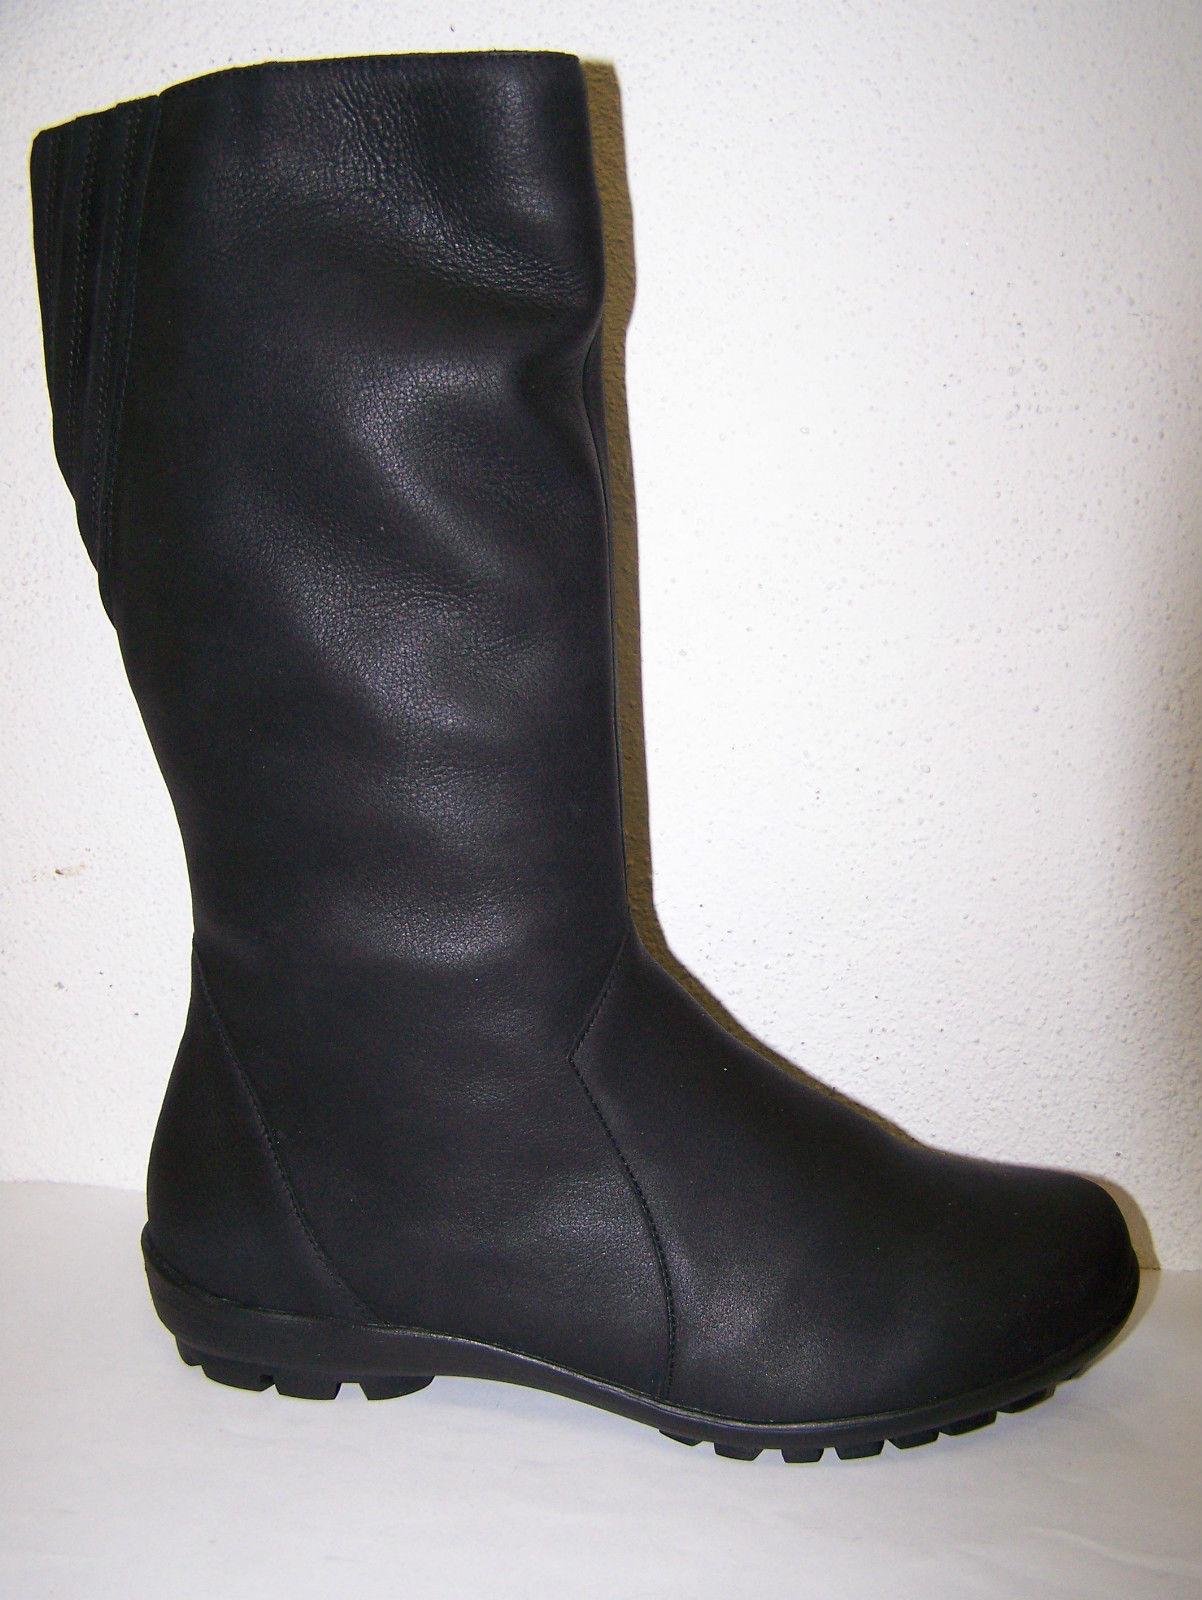 Think! Schuhe mit Lammfell Modell Inua schwarze wasserabweisende Stiefel Boots